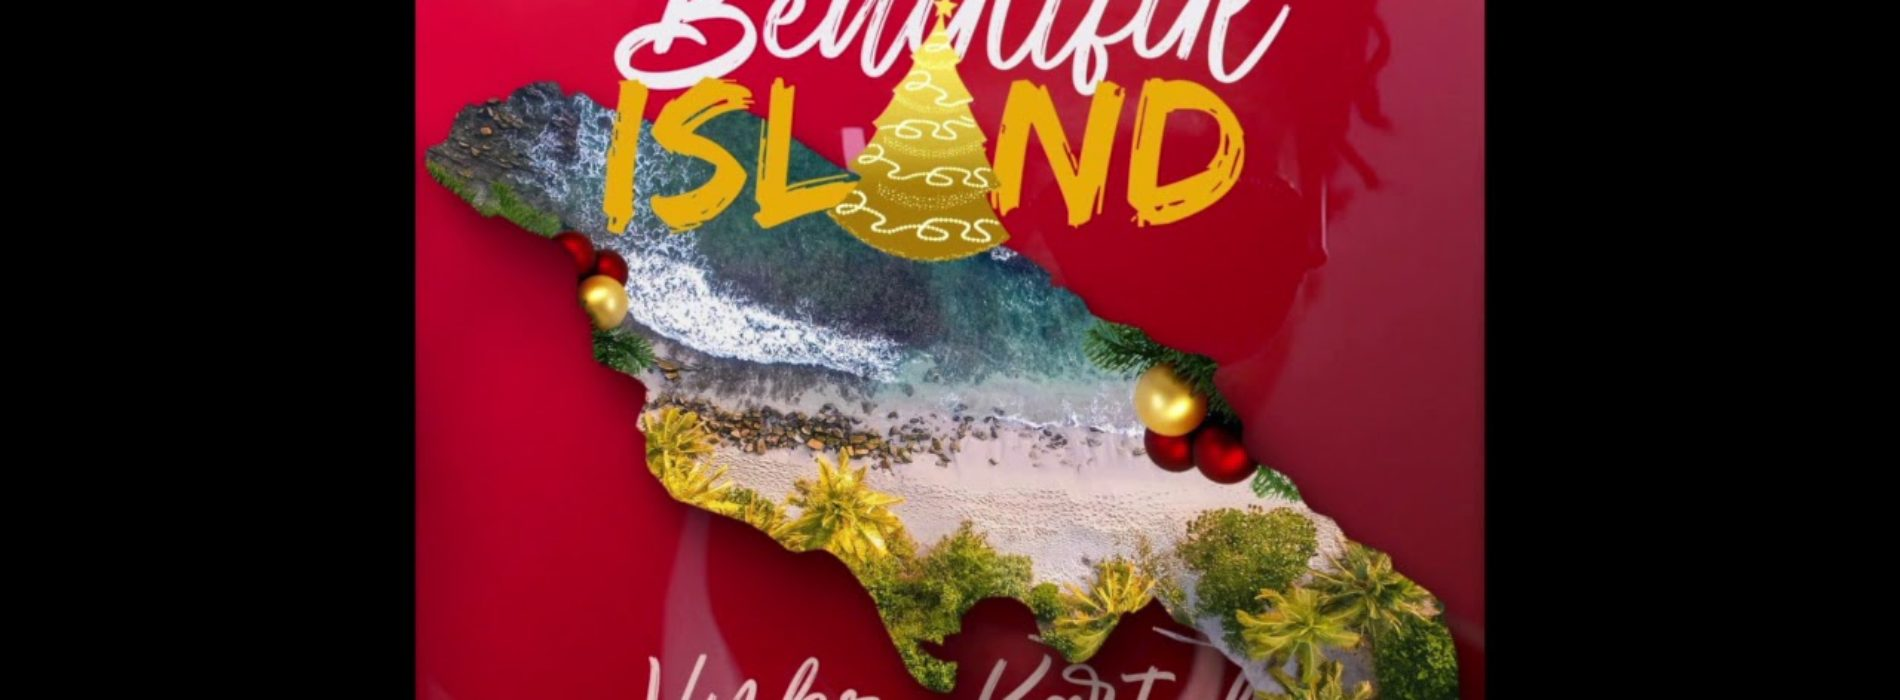 Vybz Kartel – Beautiful Island (Official Audio) – Décembre 2019